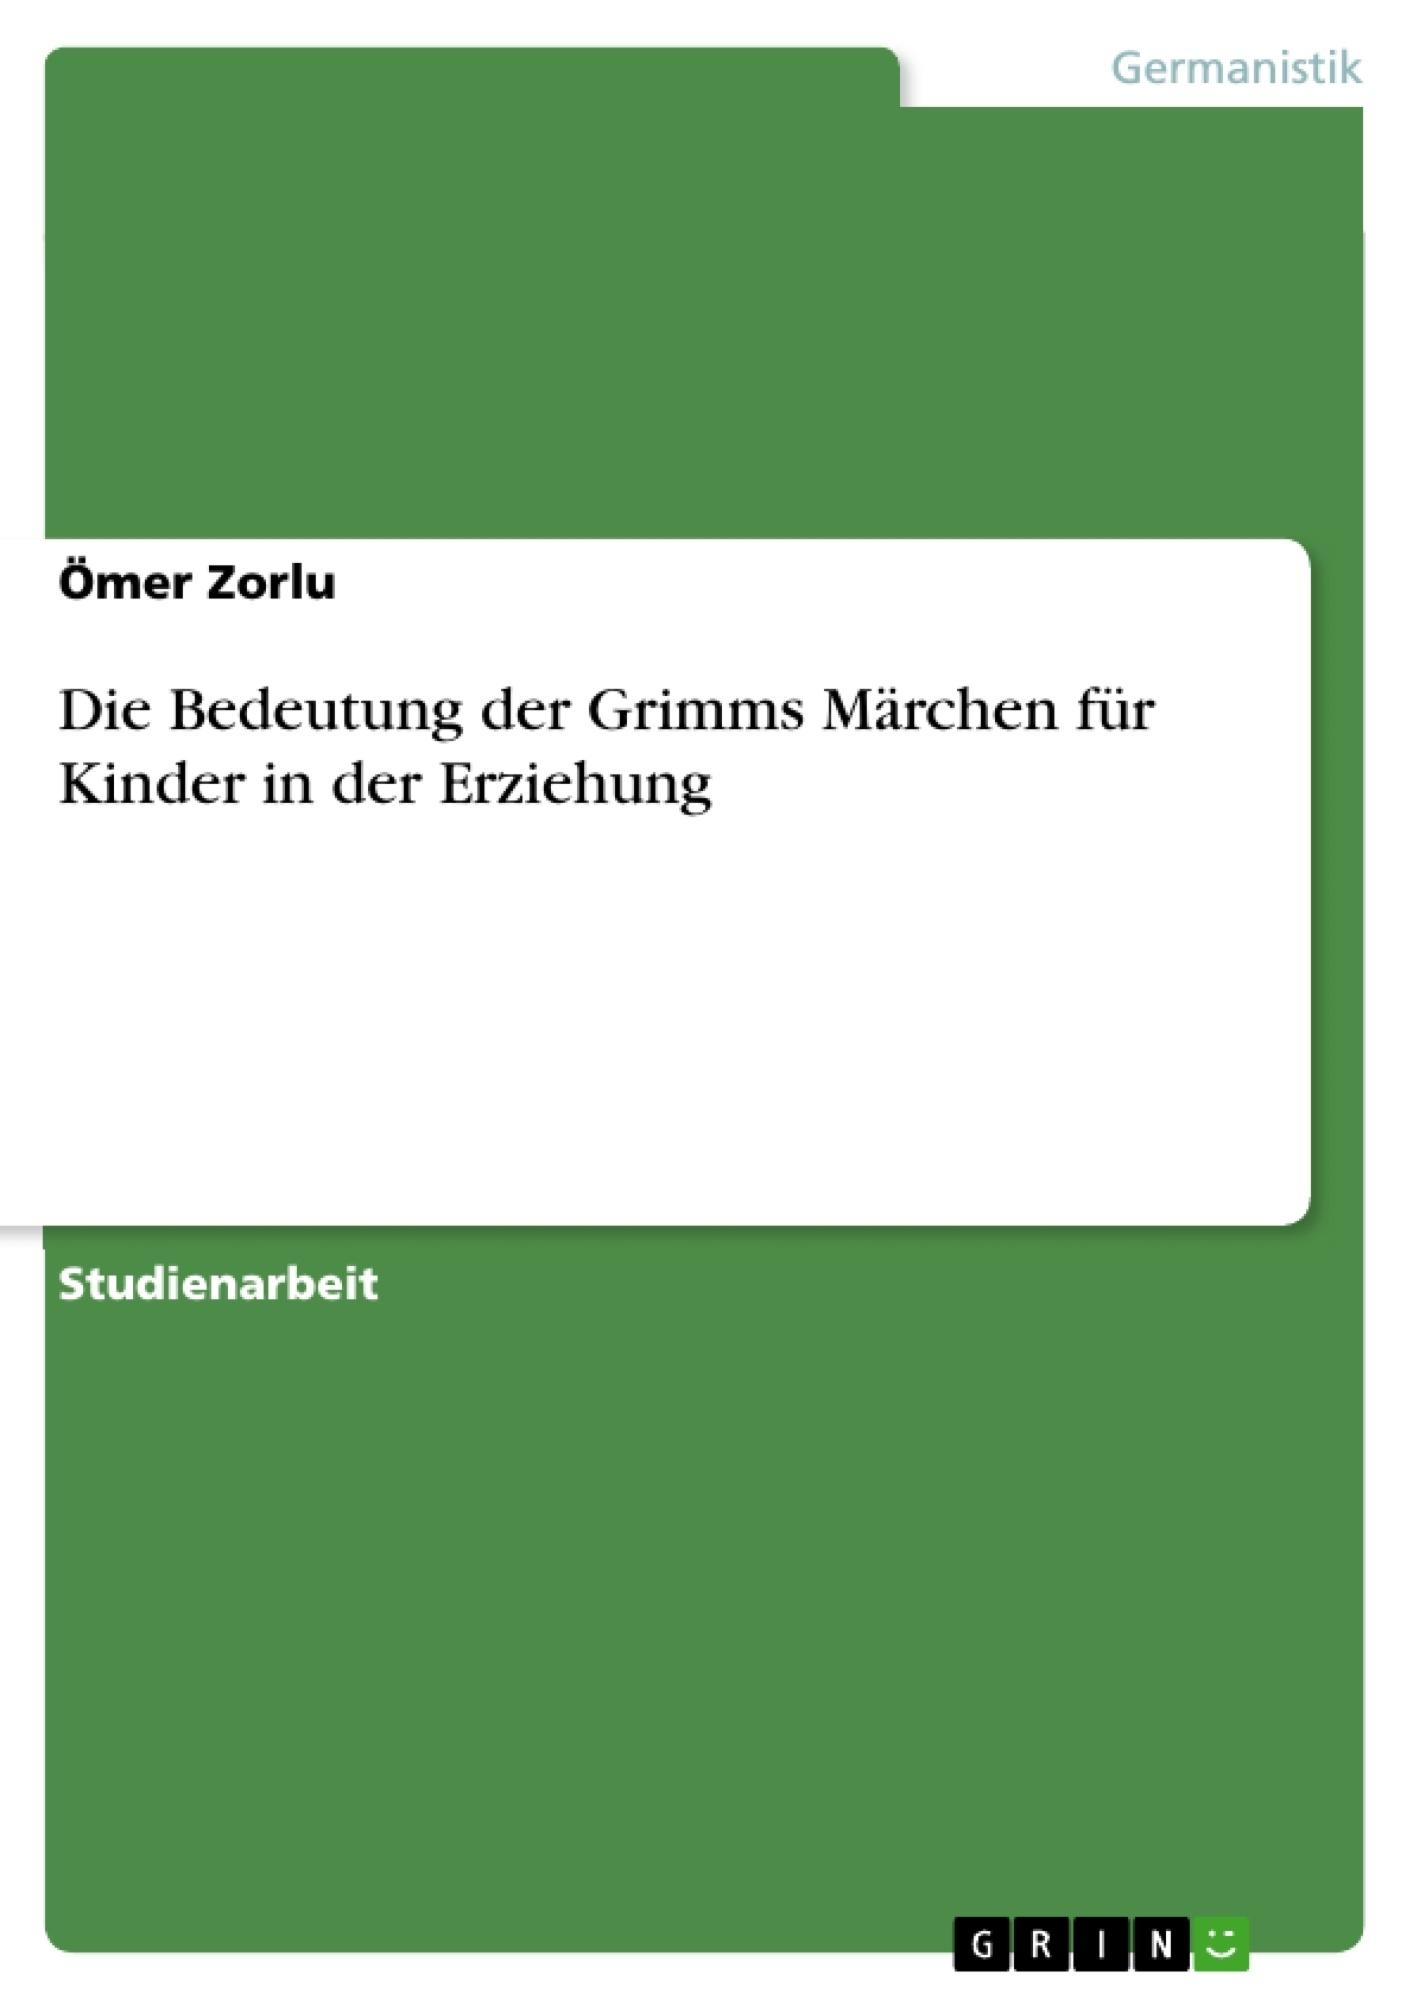 Titel: Die Bedeutung der Grimms Märchen für Kinder in der Erziehung